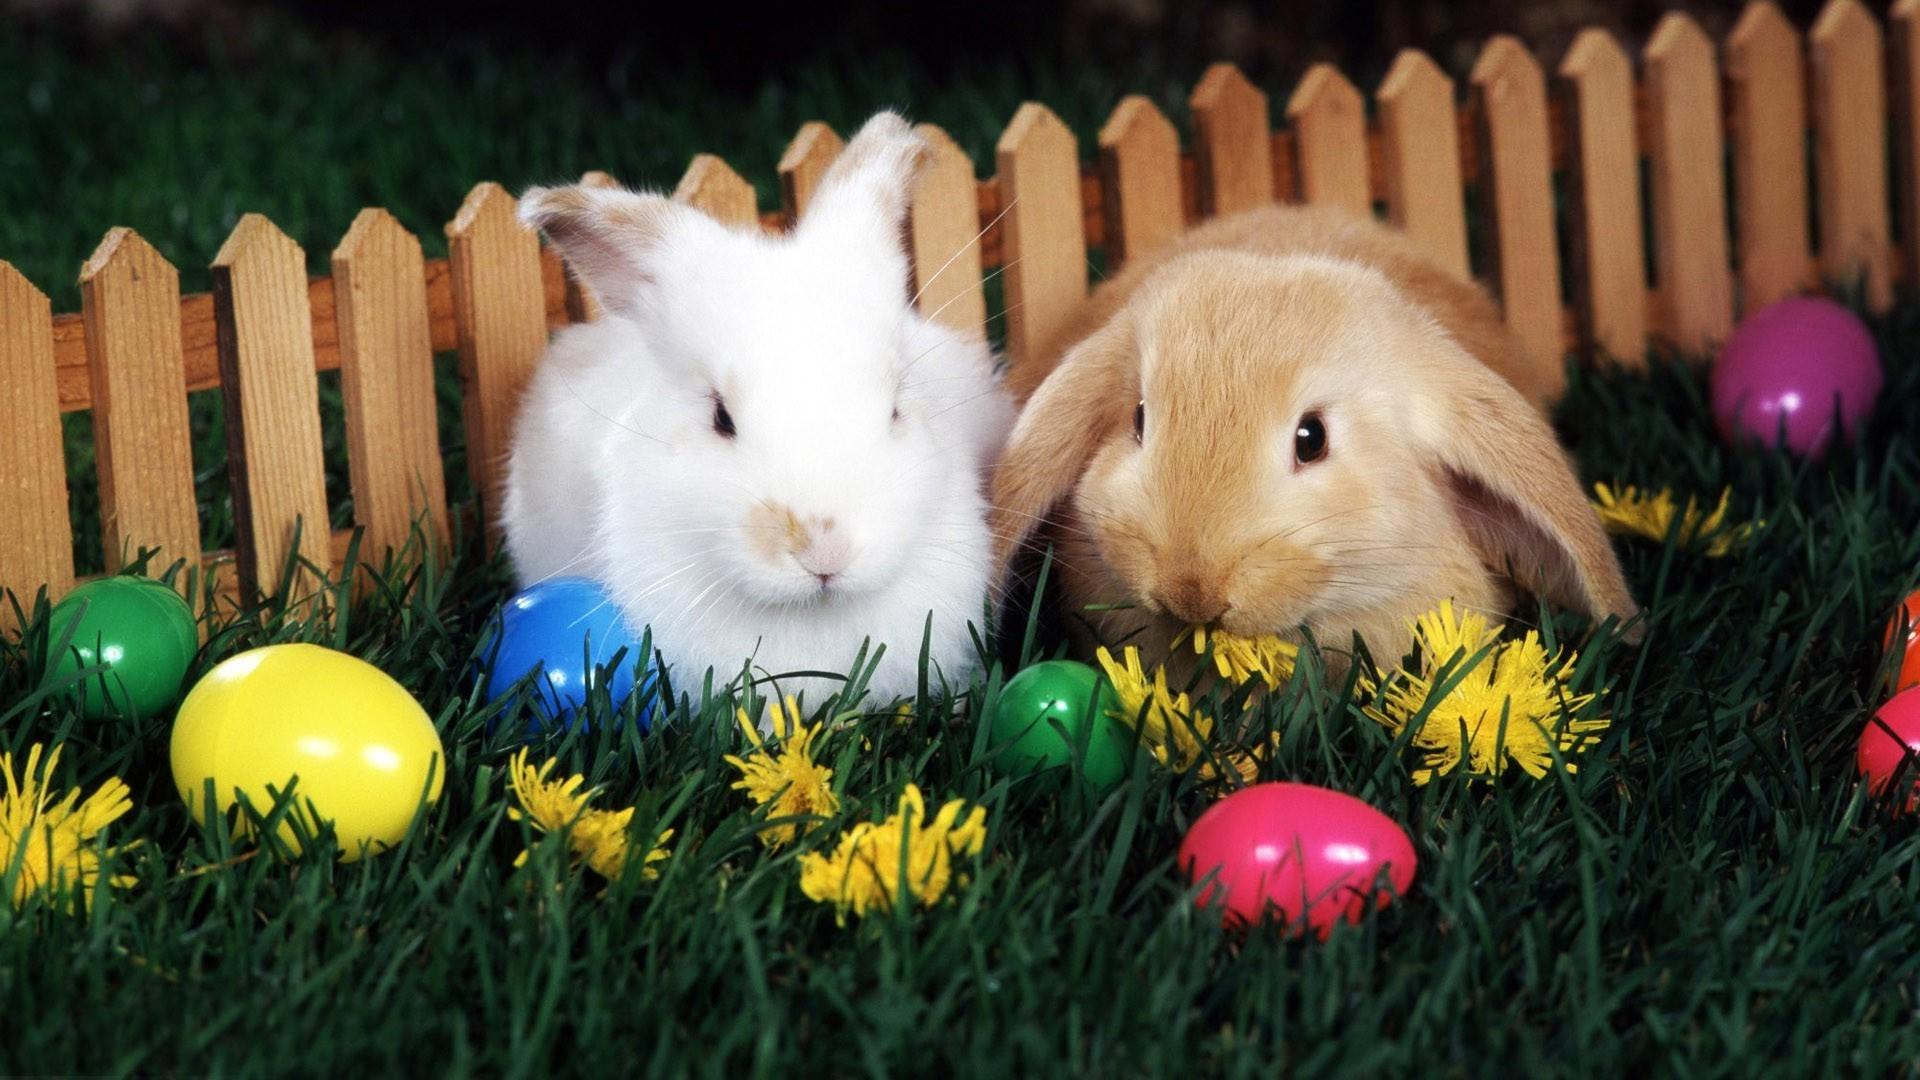 Easter wallpapers for desktop 64 images - Easter desktop wallpaper ...